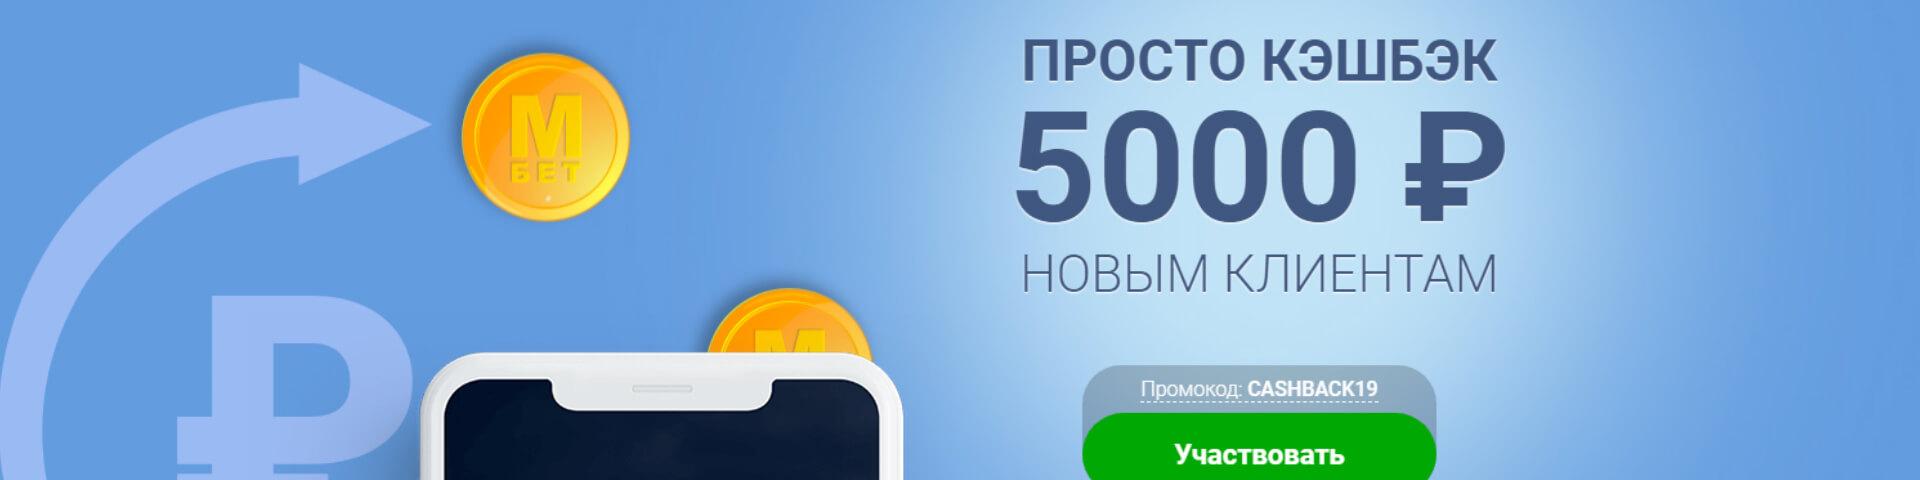 Акция от БК «Марафон»: кэшбэк до 5000 рублей для новых клиентов